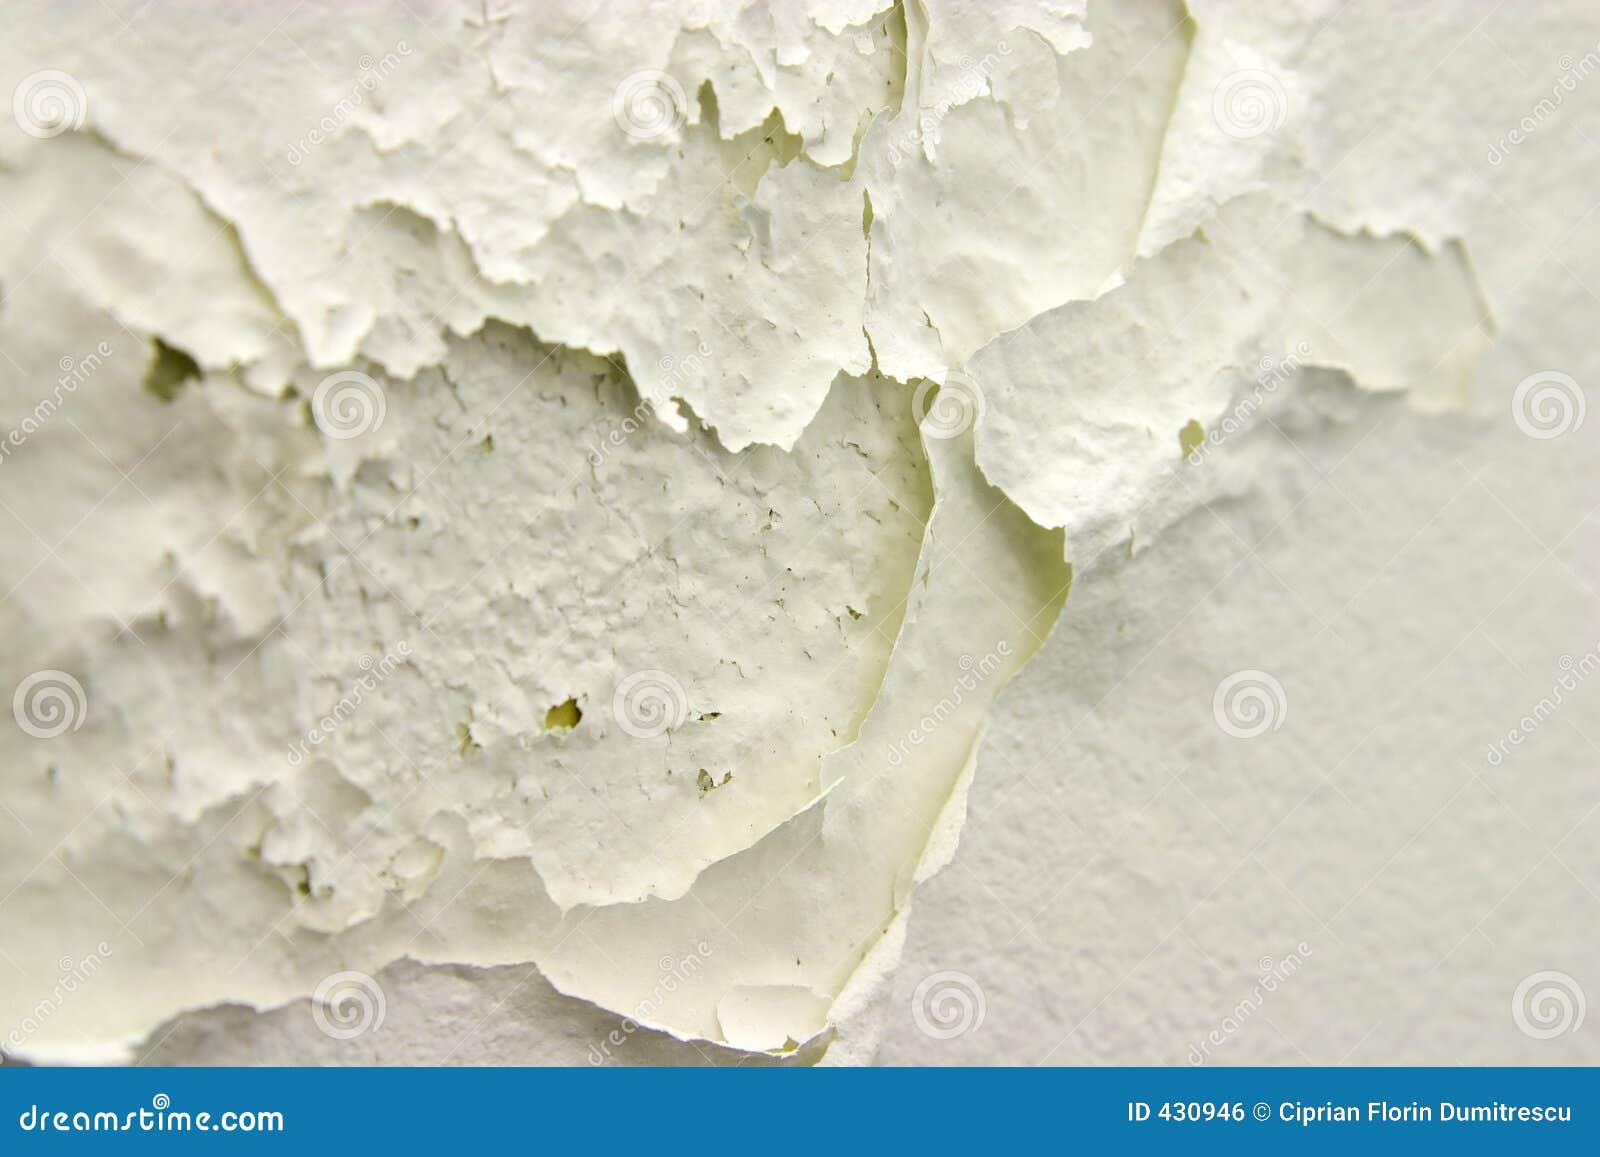 Corrosión de la pared